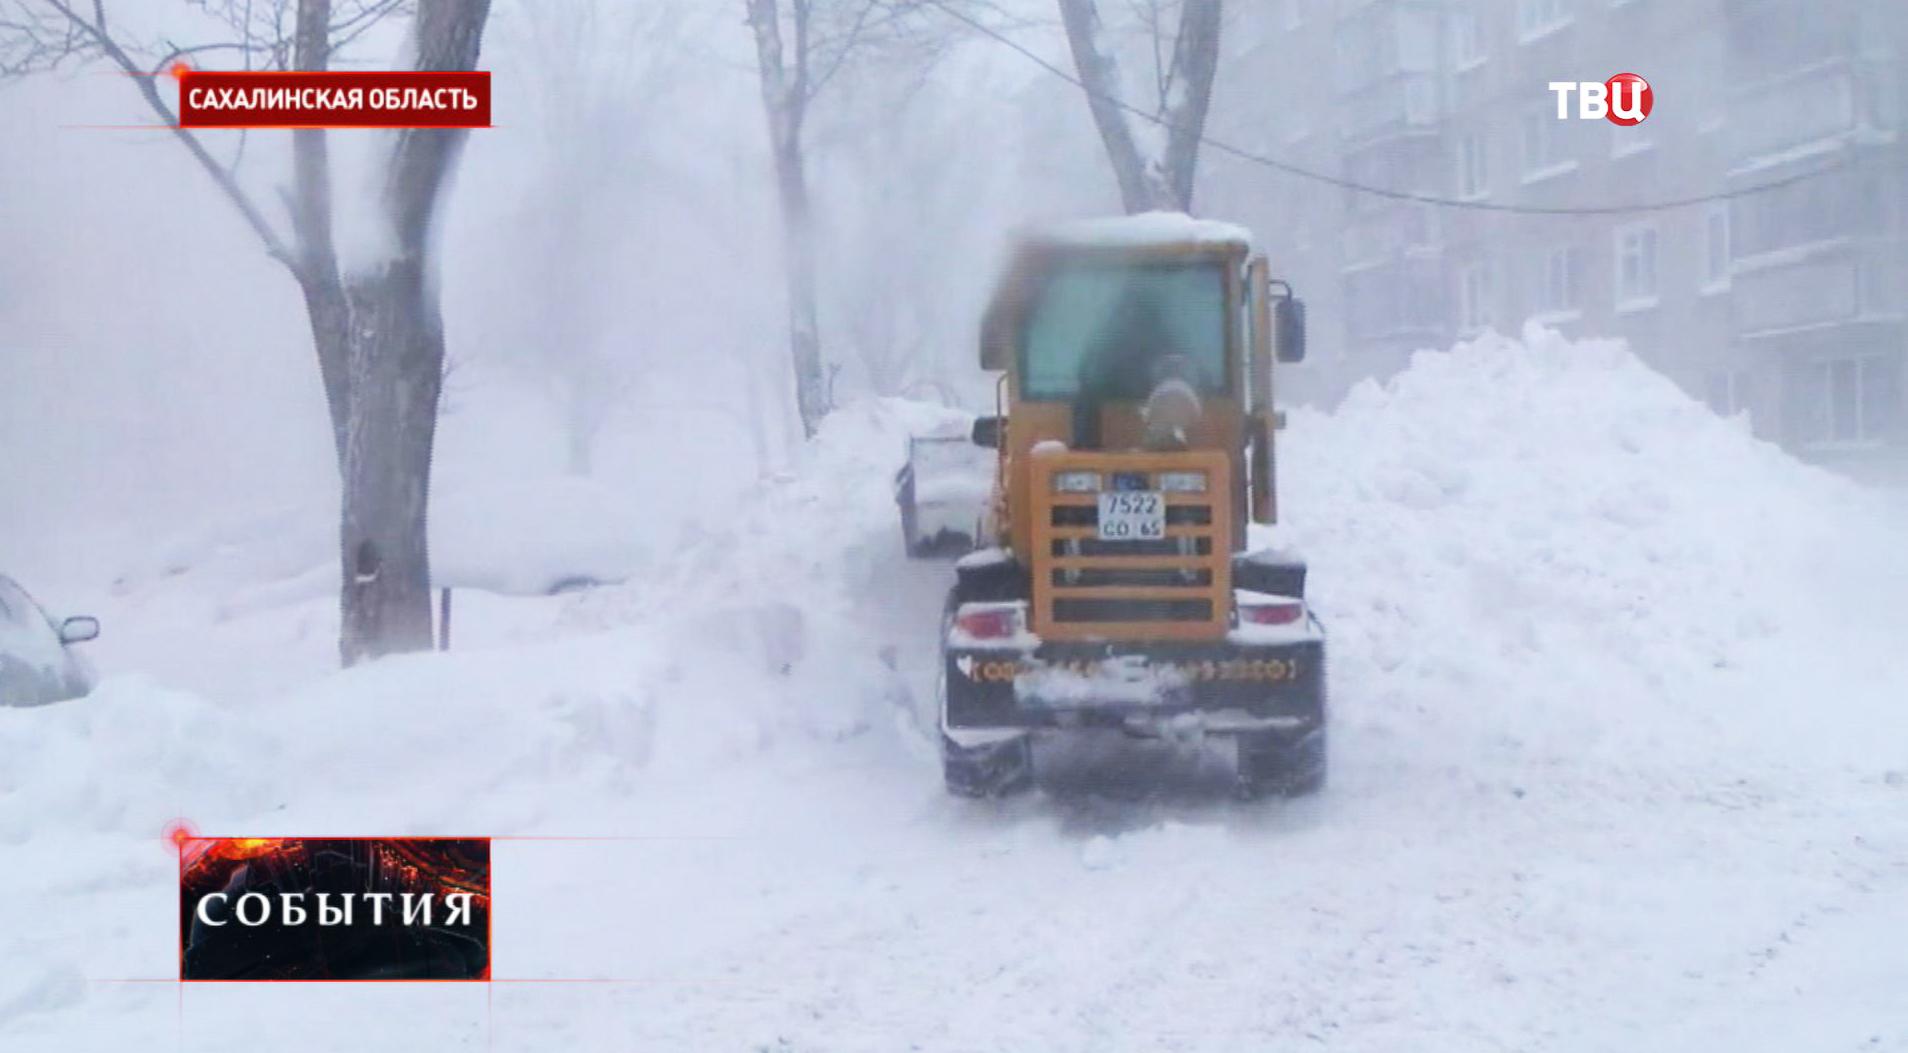 Уборка снега в Сахалинской области